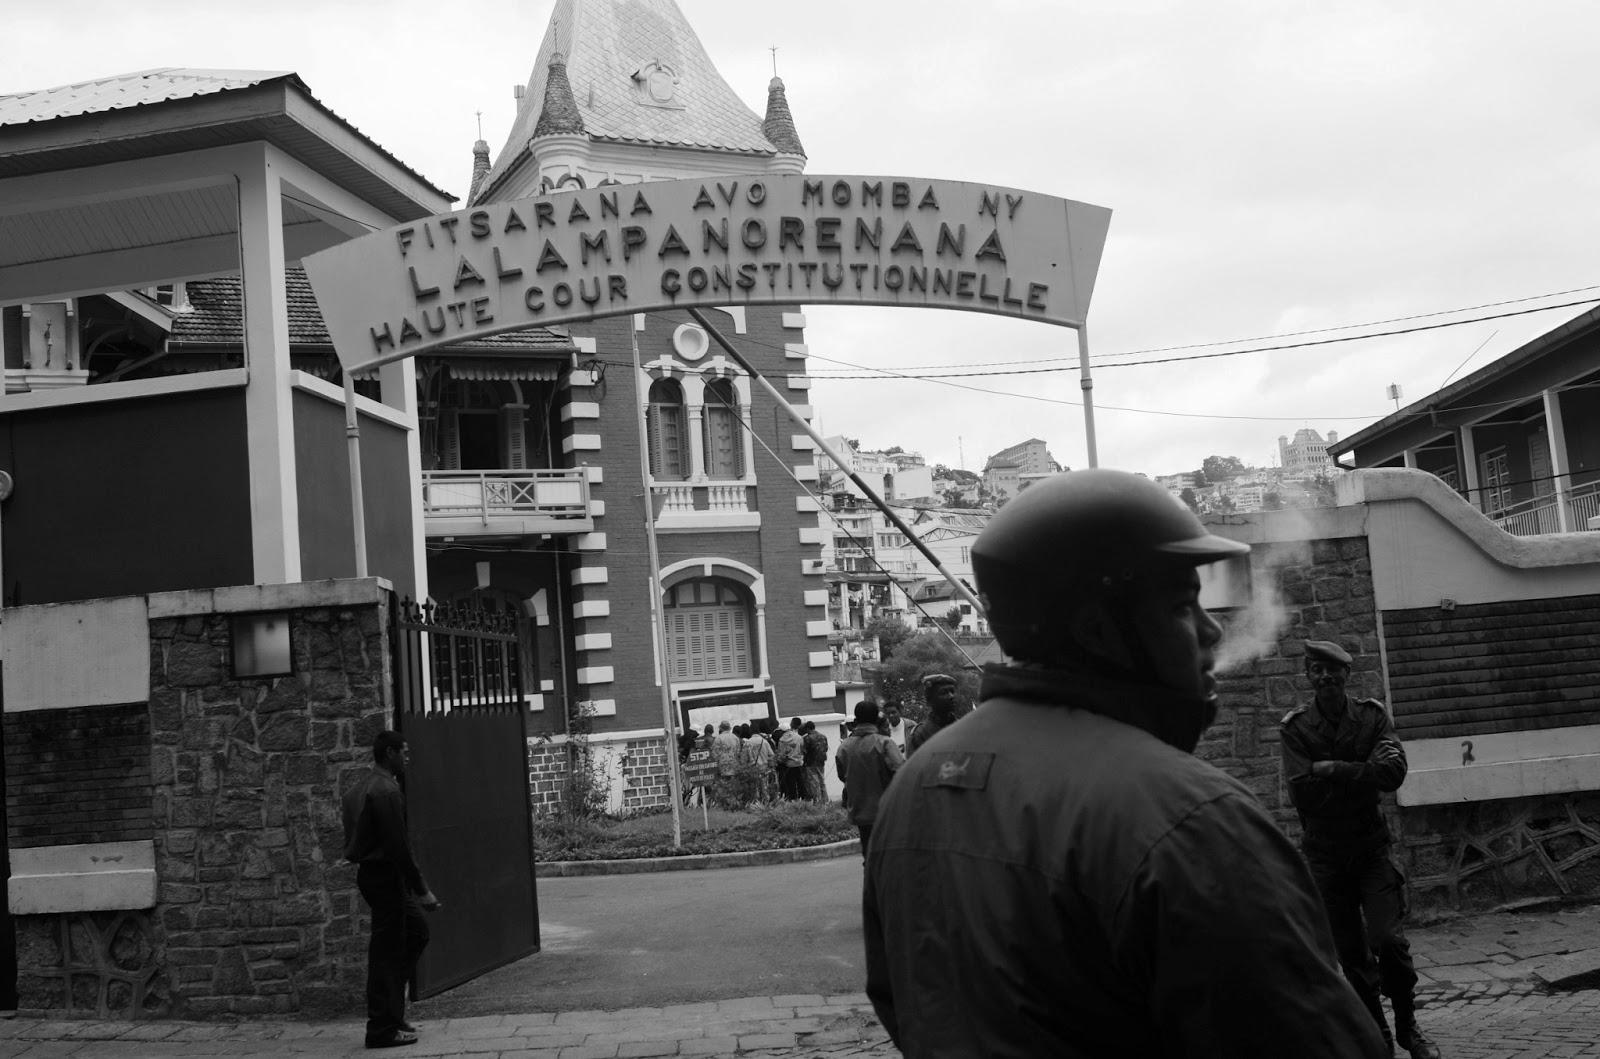 wHO's who? l'élection présidentielle à Madagascar en 18 photos  HCC+3+NB